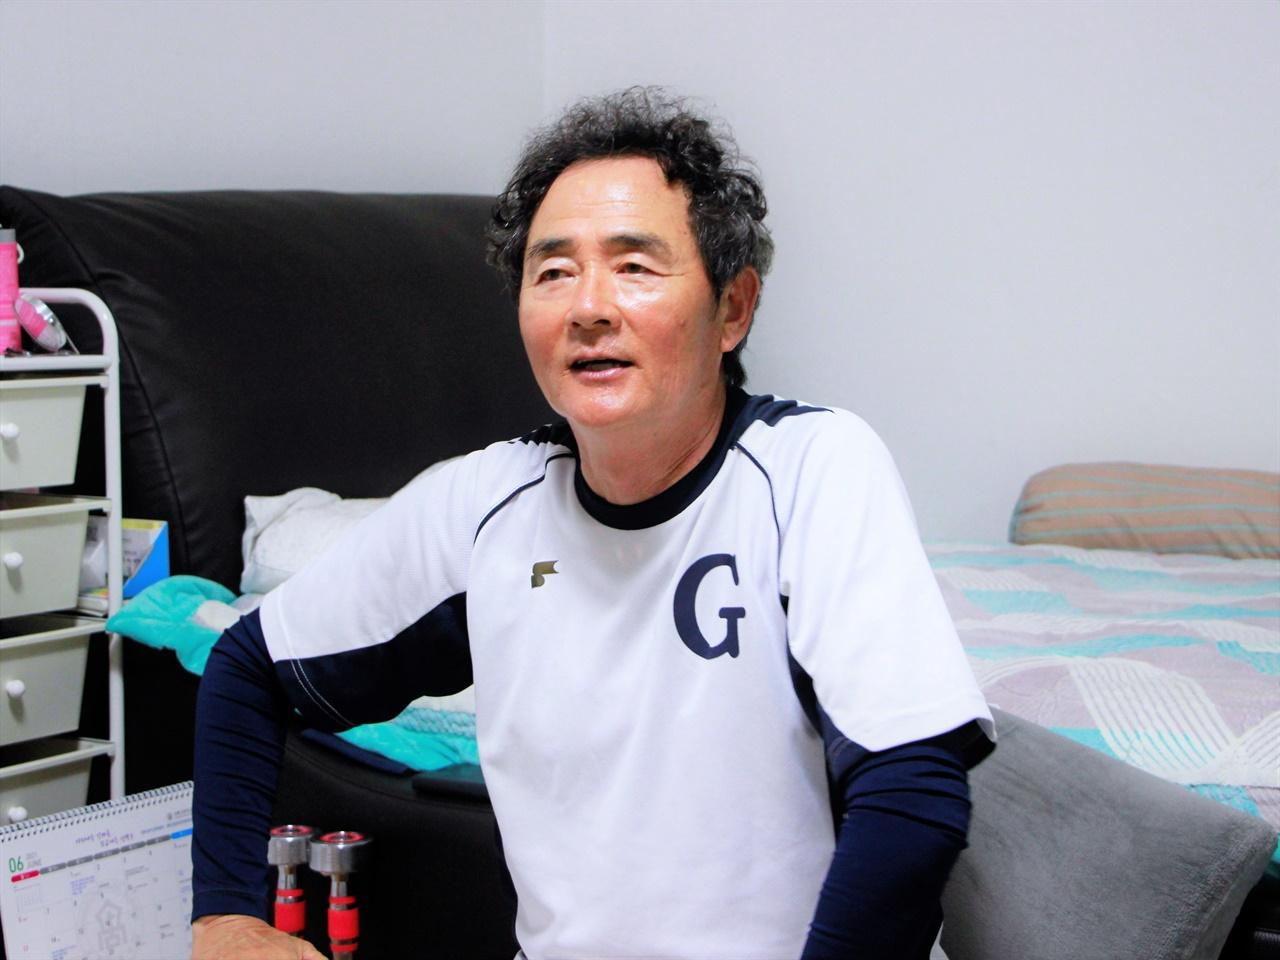 감독실에서 이야기를 나누고 있는 강릉고등학교 최재호 감독.